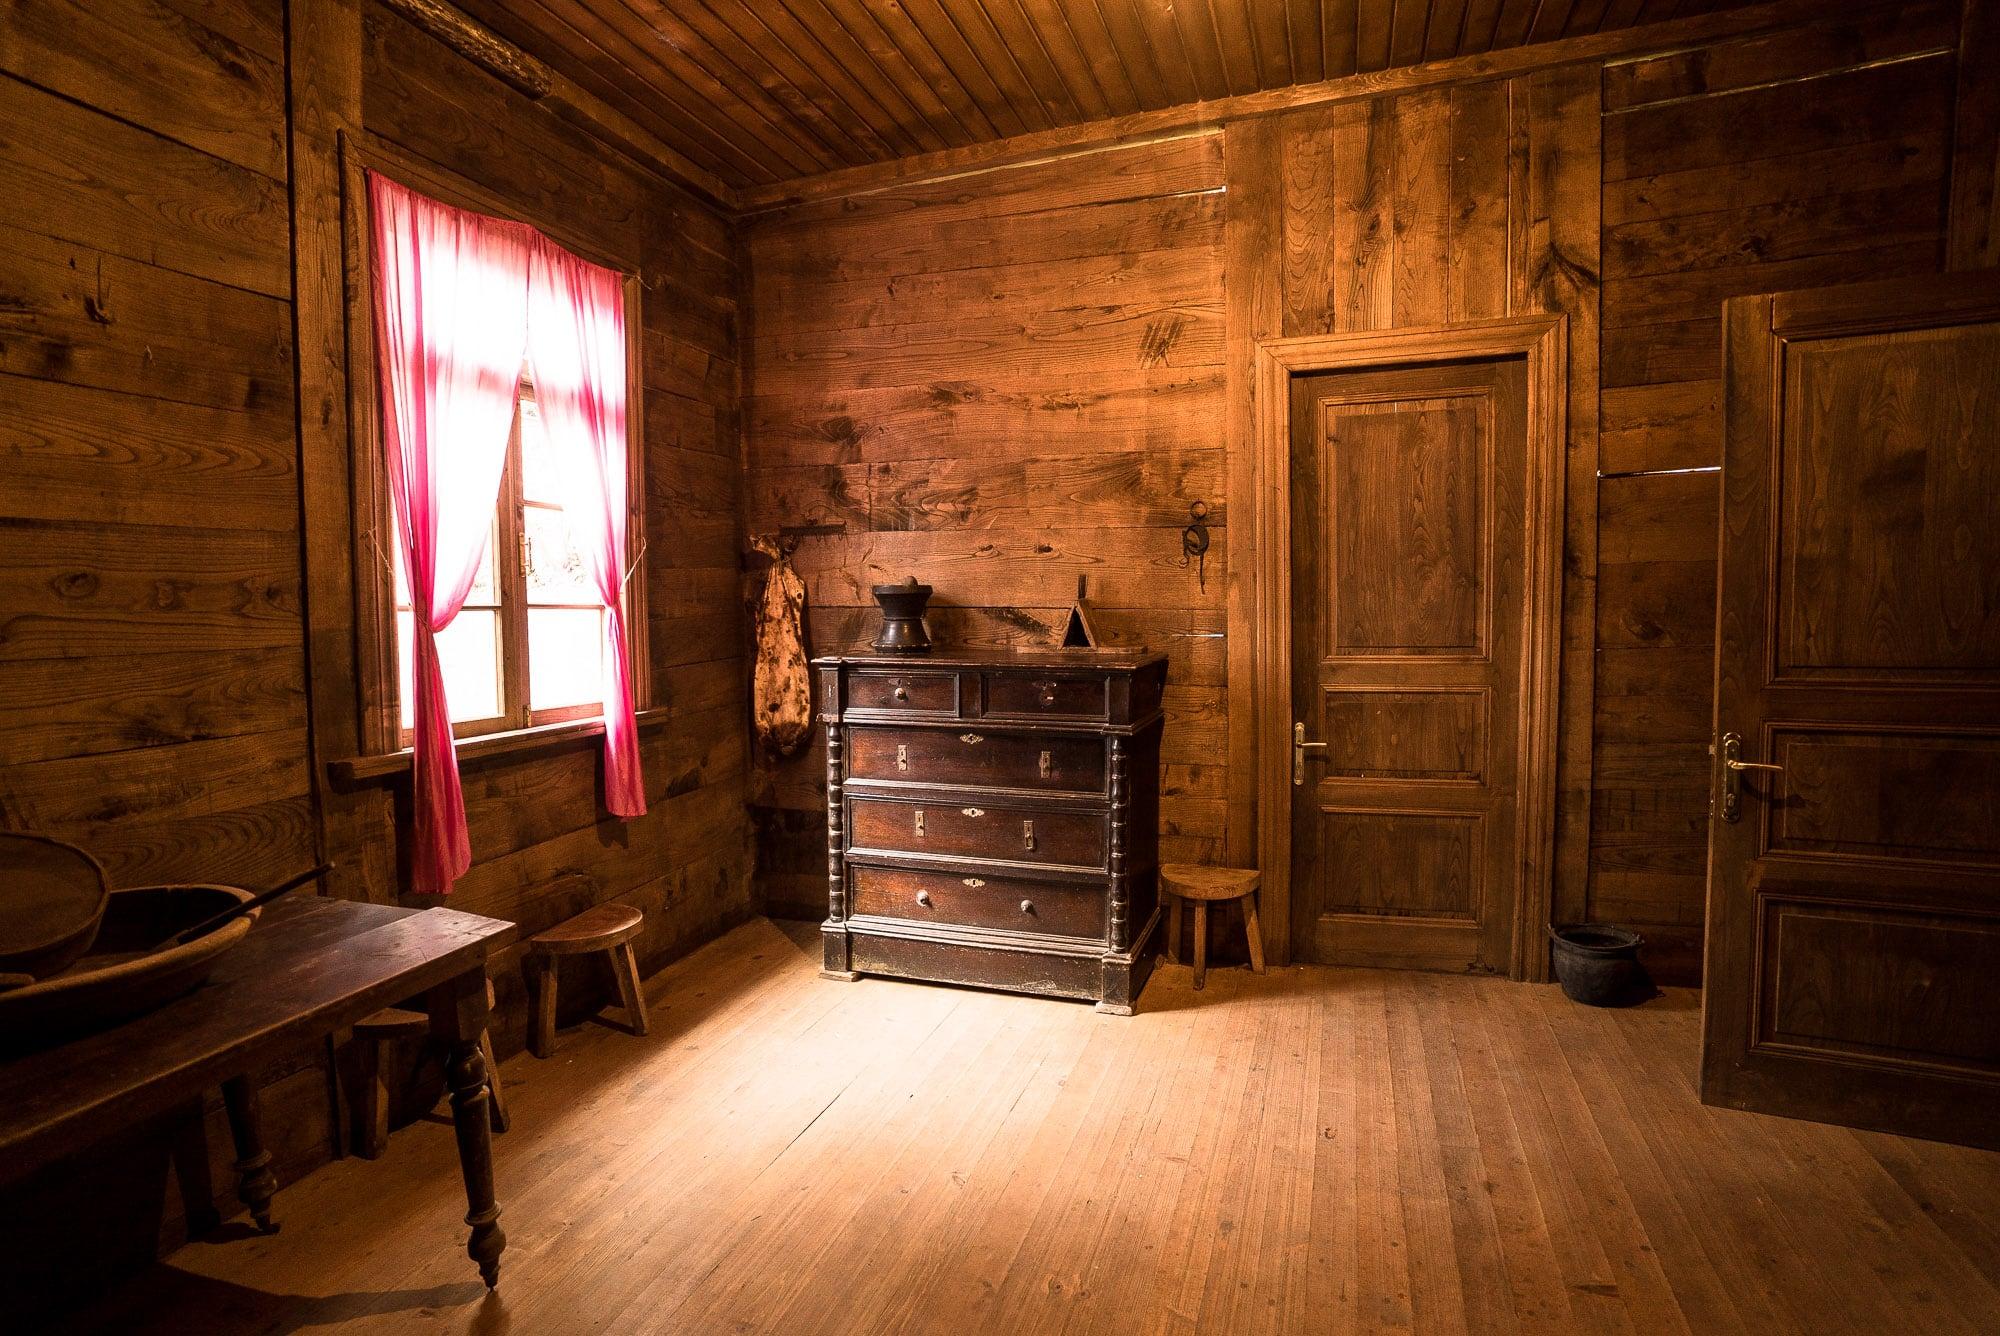 inside Mayakovsky's house